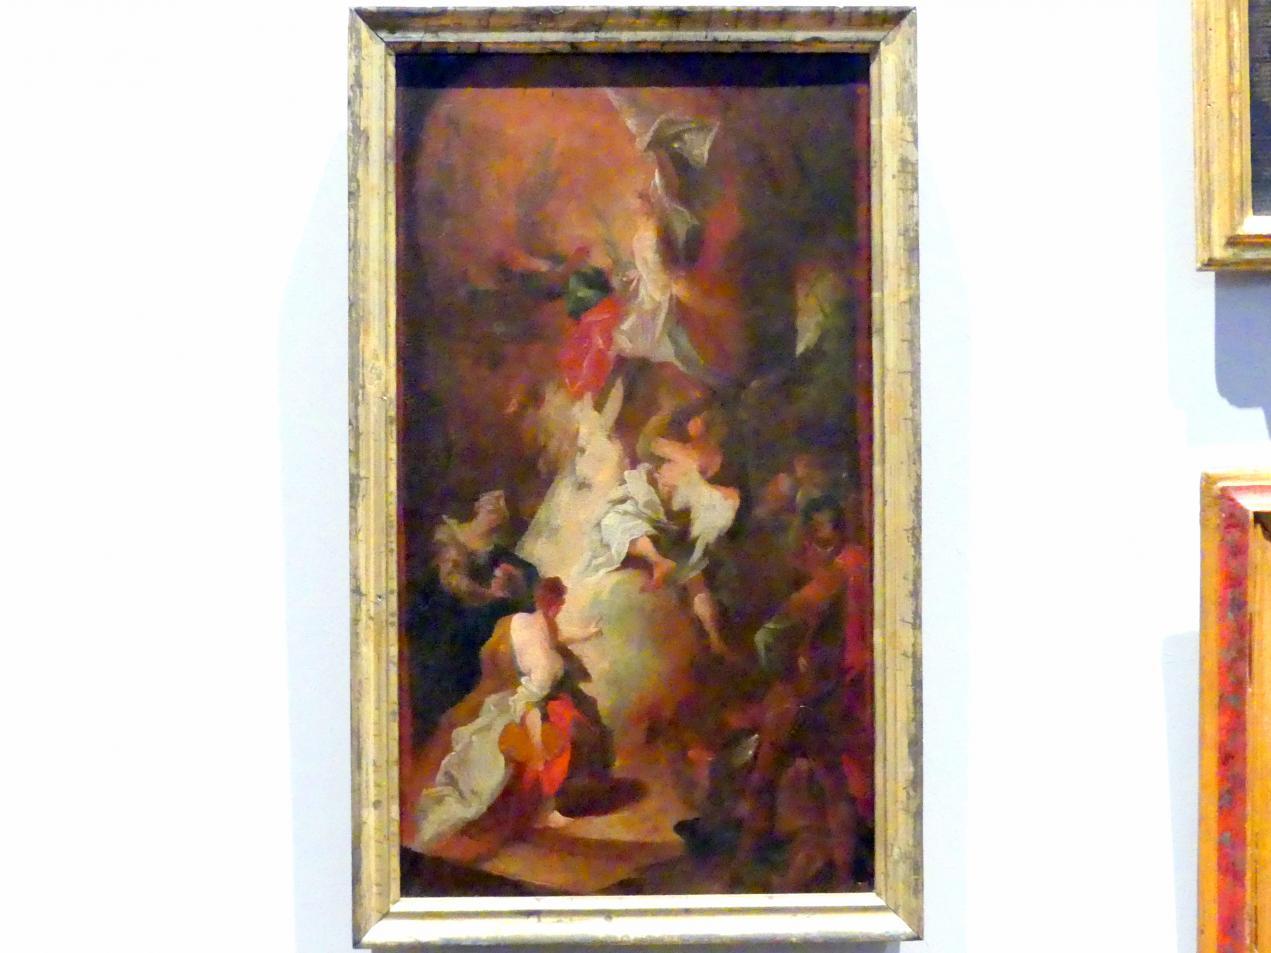 Franz Anton Maulbertsch: Auferstehung Christi, 1757